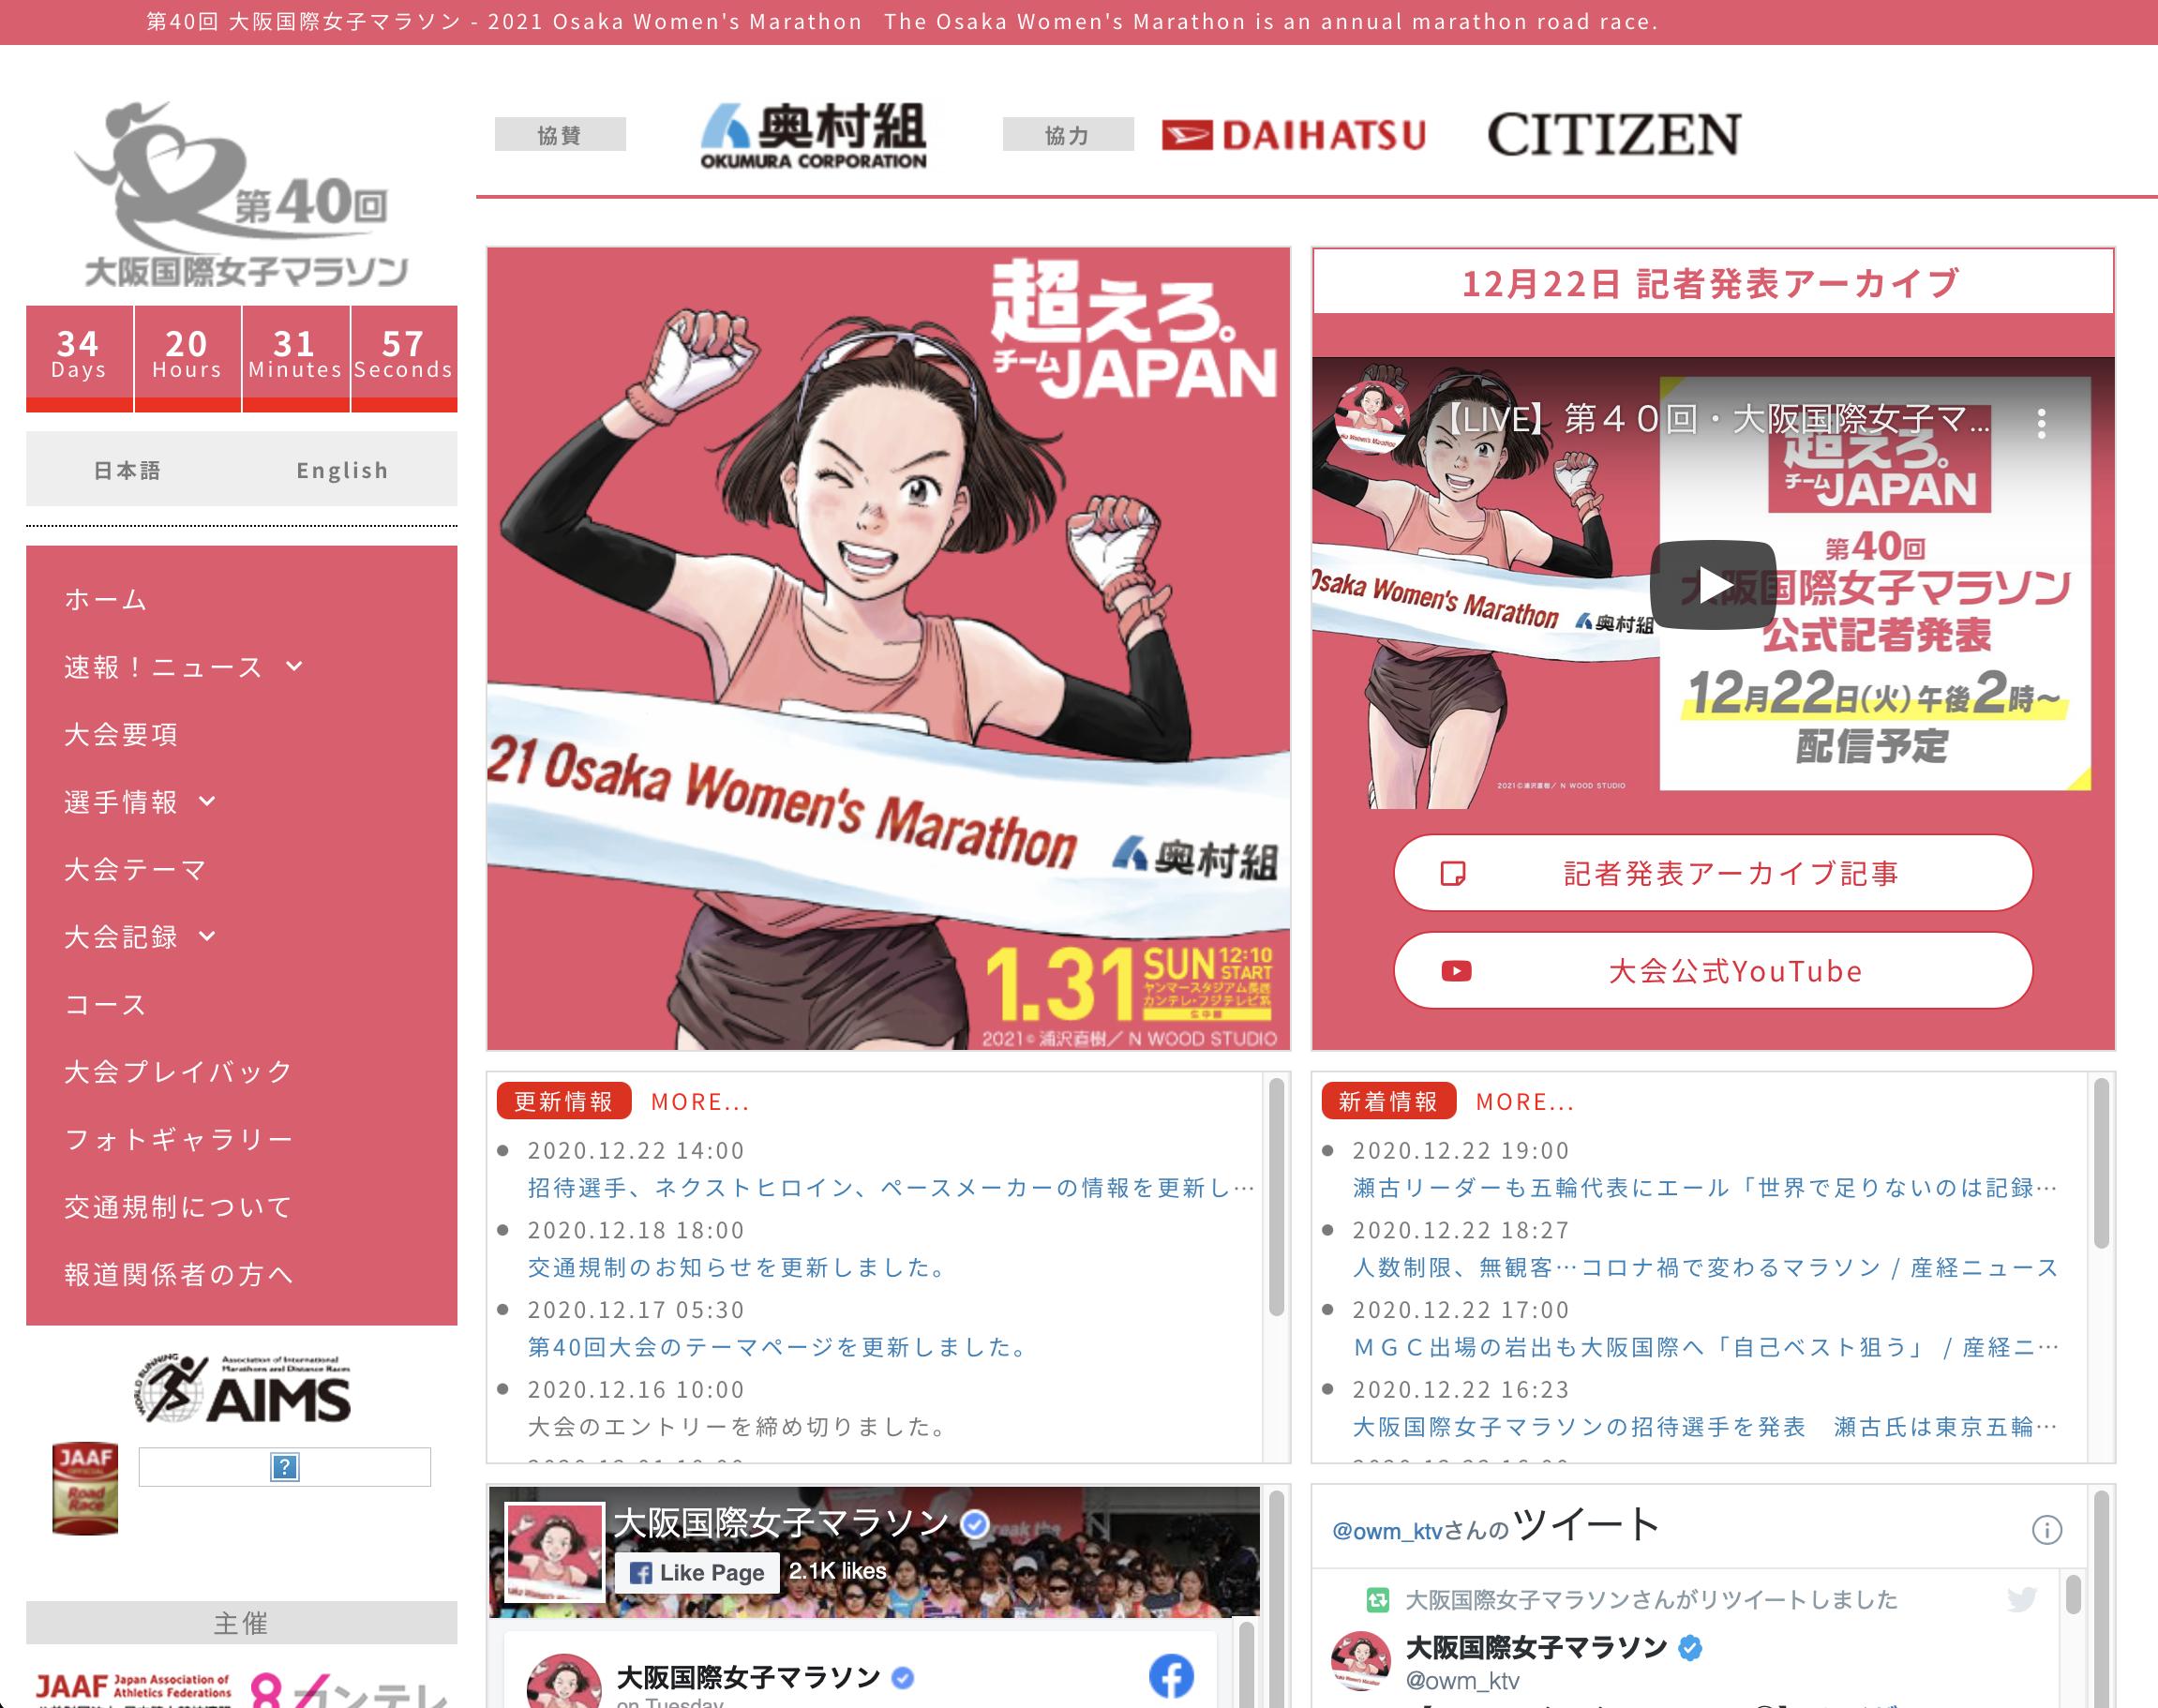 第40回 大阪国際女子マラソン - 2021 Osaka Women's MarathonThe Osaka Women's Marathon is an annual marathon road race.